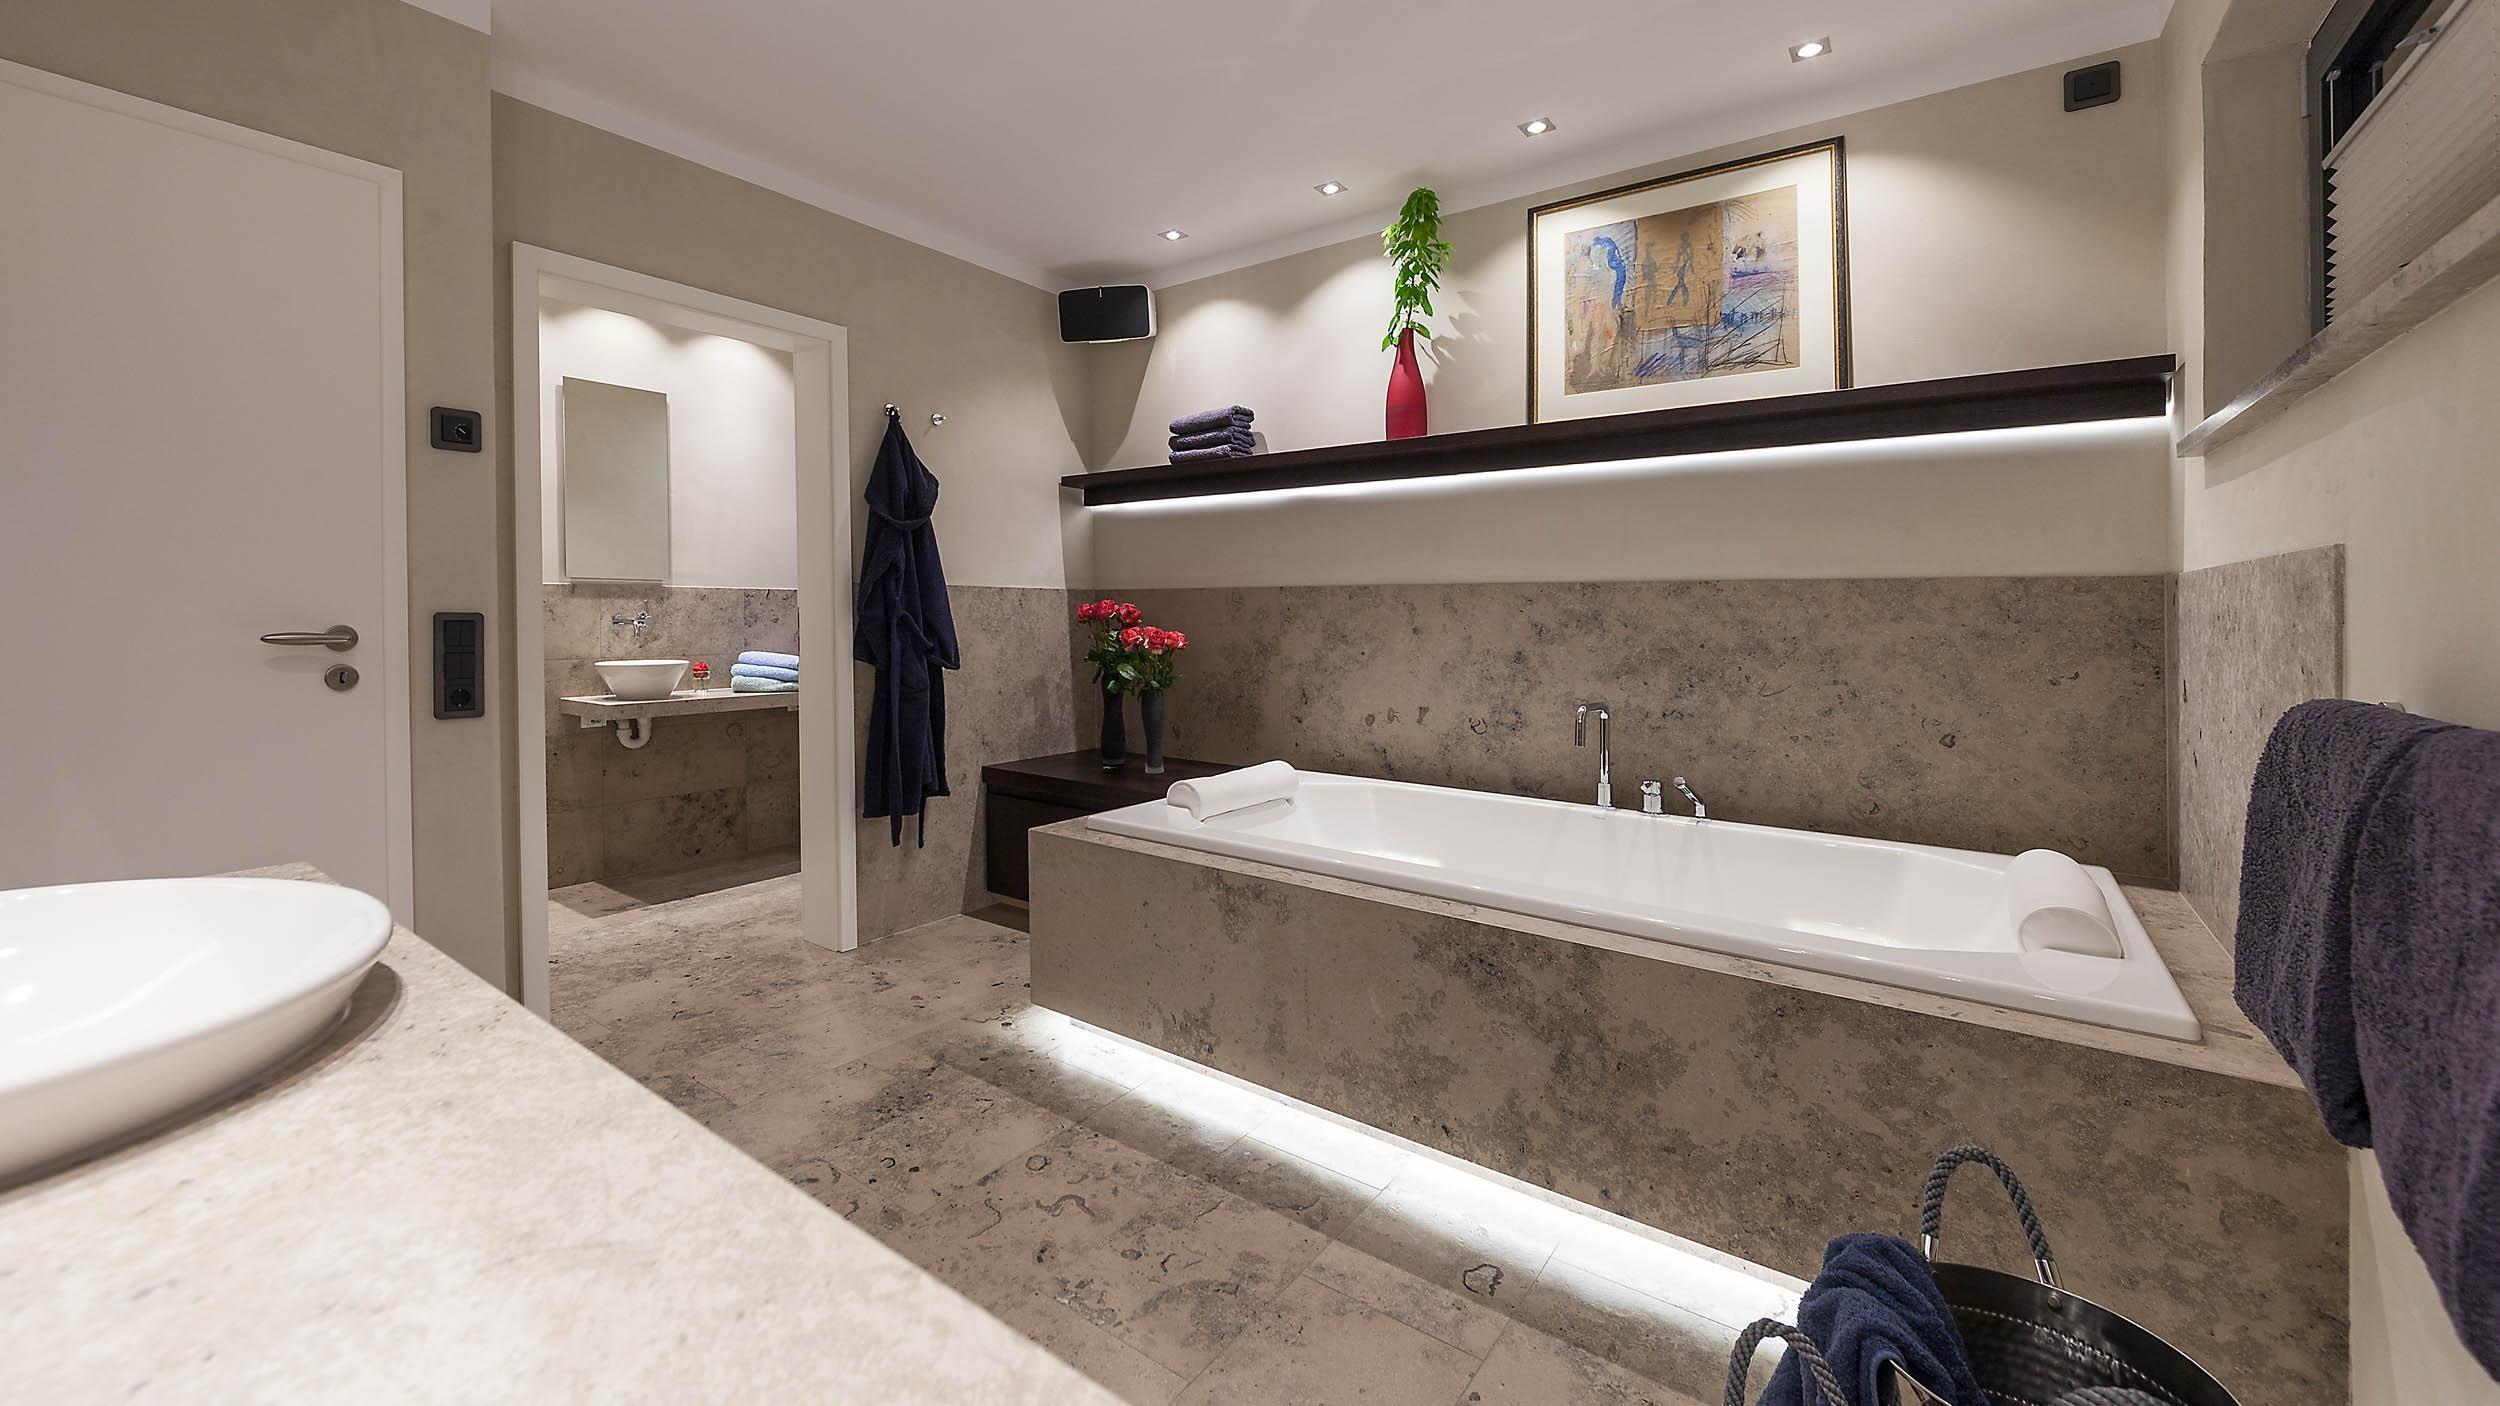 Moderne waschtische bad perfect moderne neues badezimmer einrichten waschtisch ablageflche - Oberlicht in wand einbauen ...